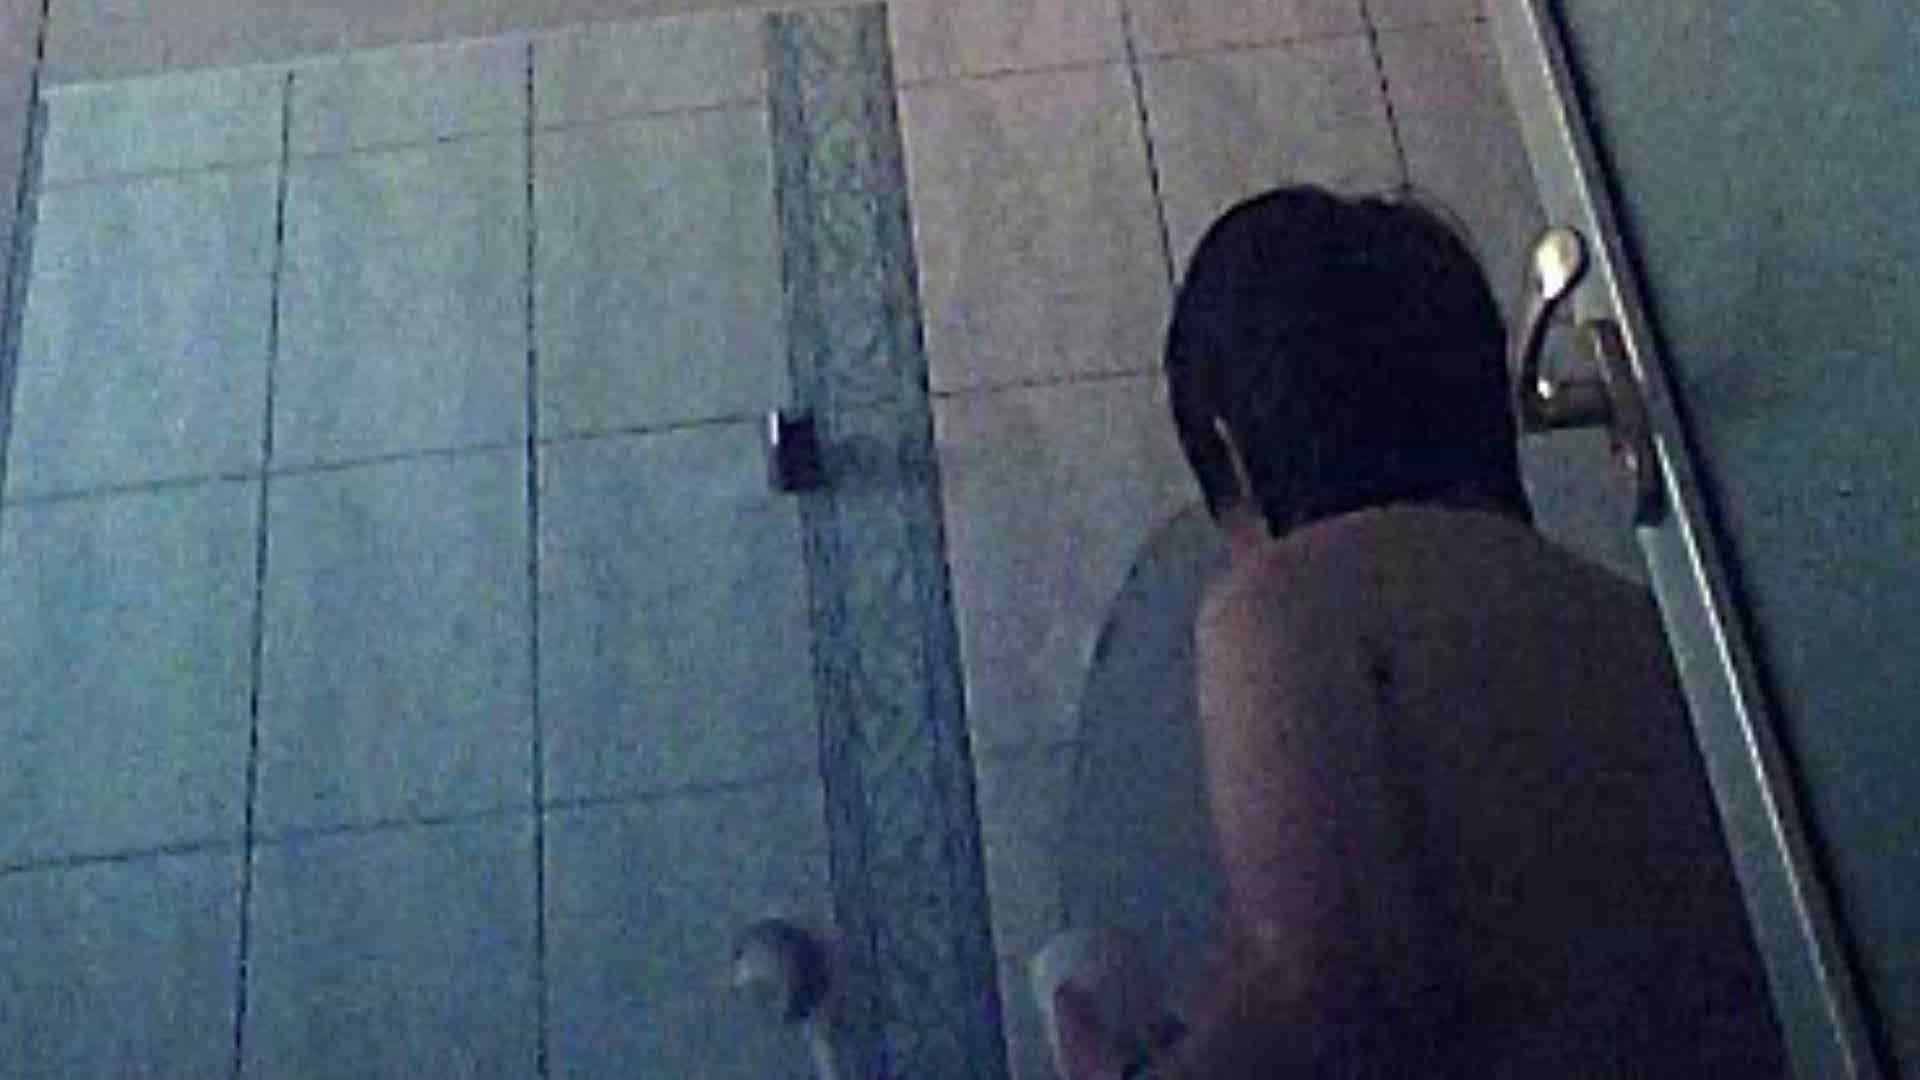 禁断、、家庭教のおしえ子 (シリーズⅣ) しのぶちゃん  Vol.26 脱衣編 ギャル攻め   ラブホテル  103画像 77